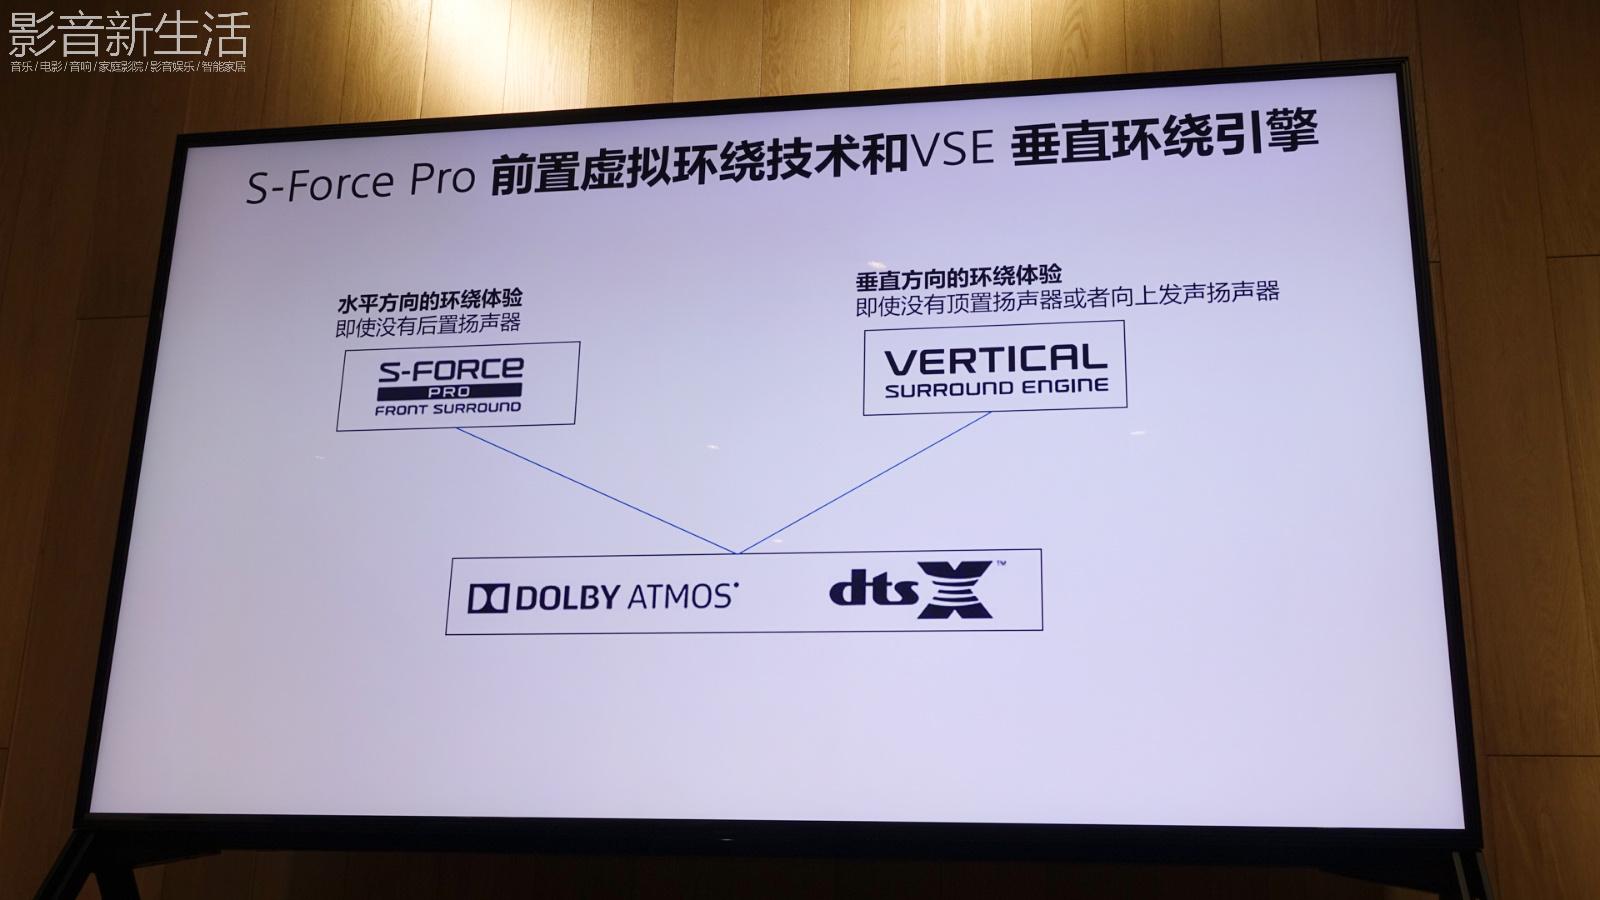 动态 | 全景新声打造音画合一沉浸体验:索尼杜比全景声回音壁HT-X8500在华上市